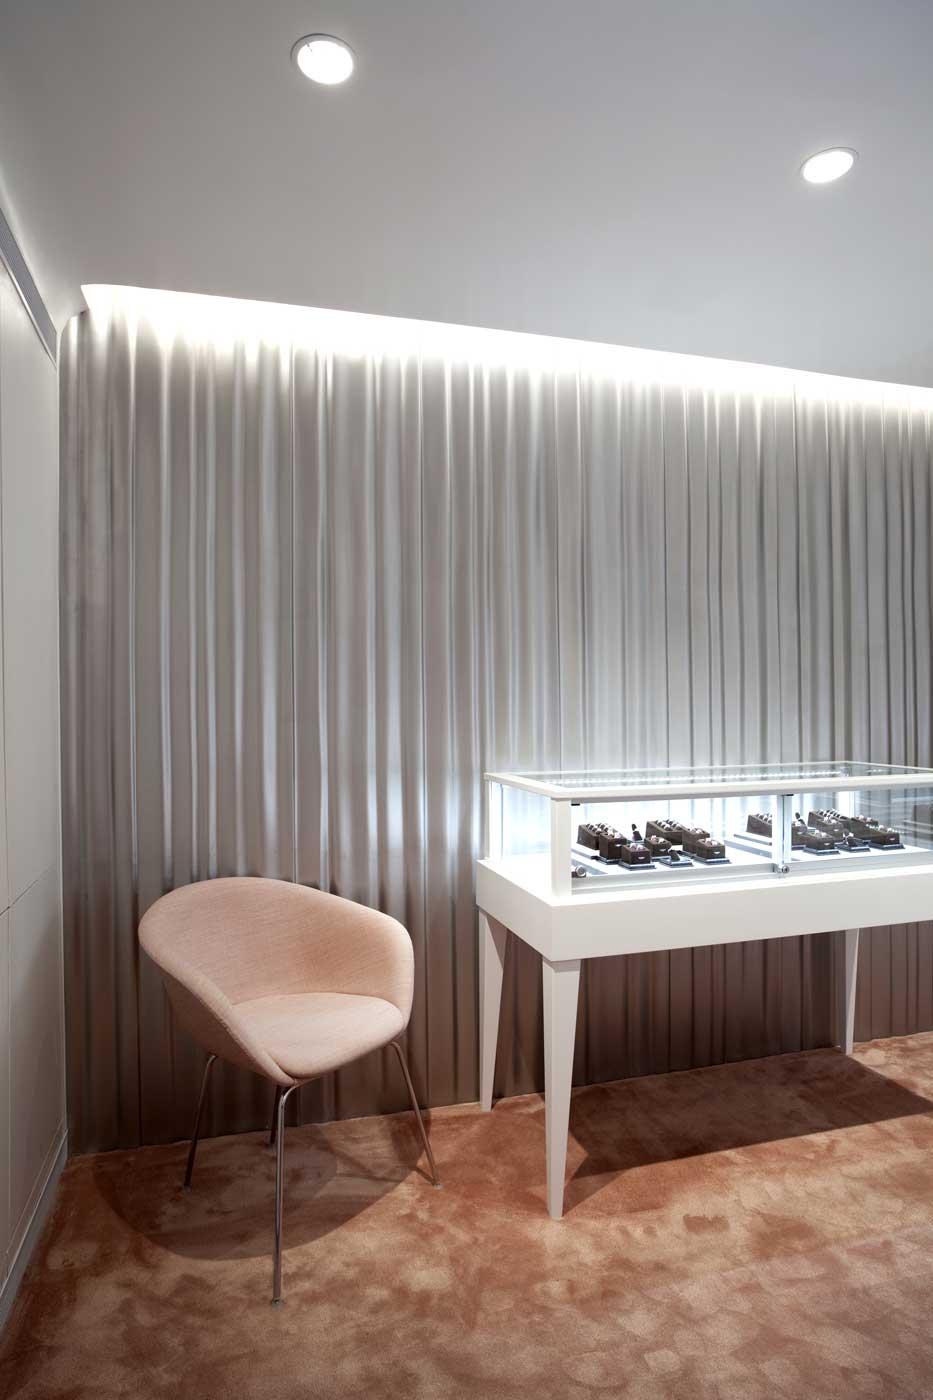 James Allen Jewelry Showroom Design in New York